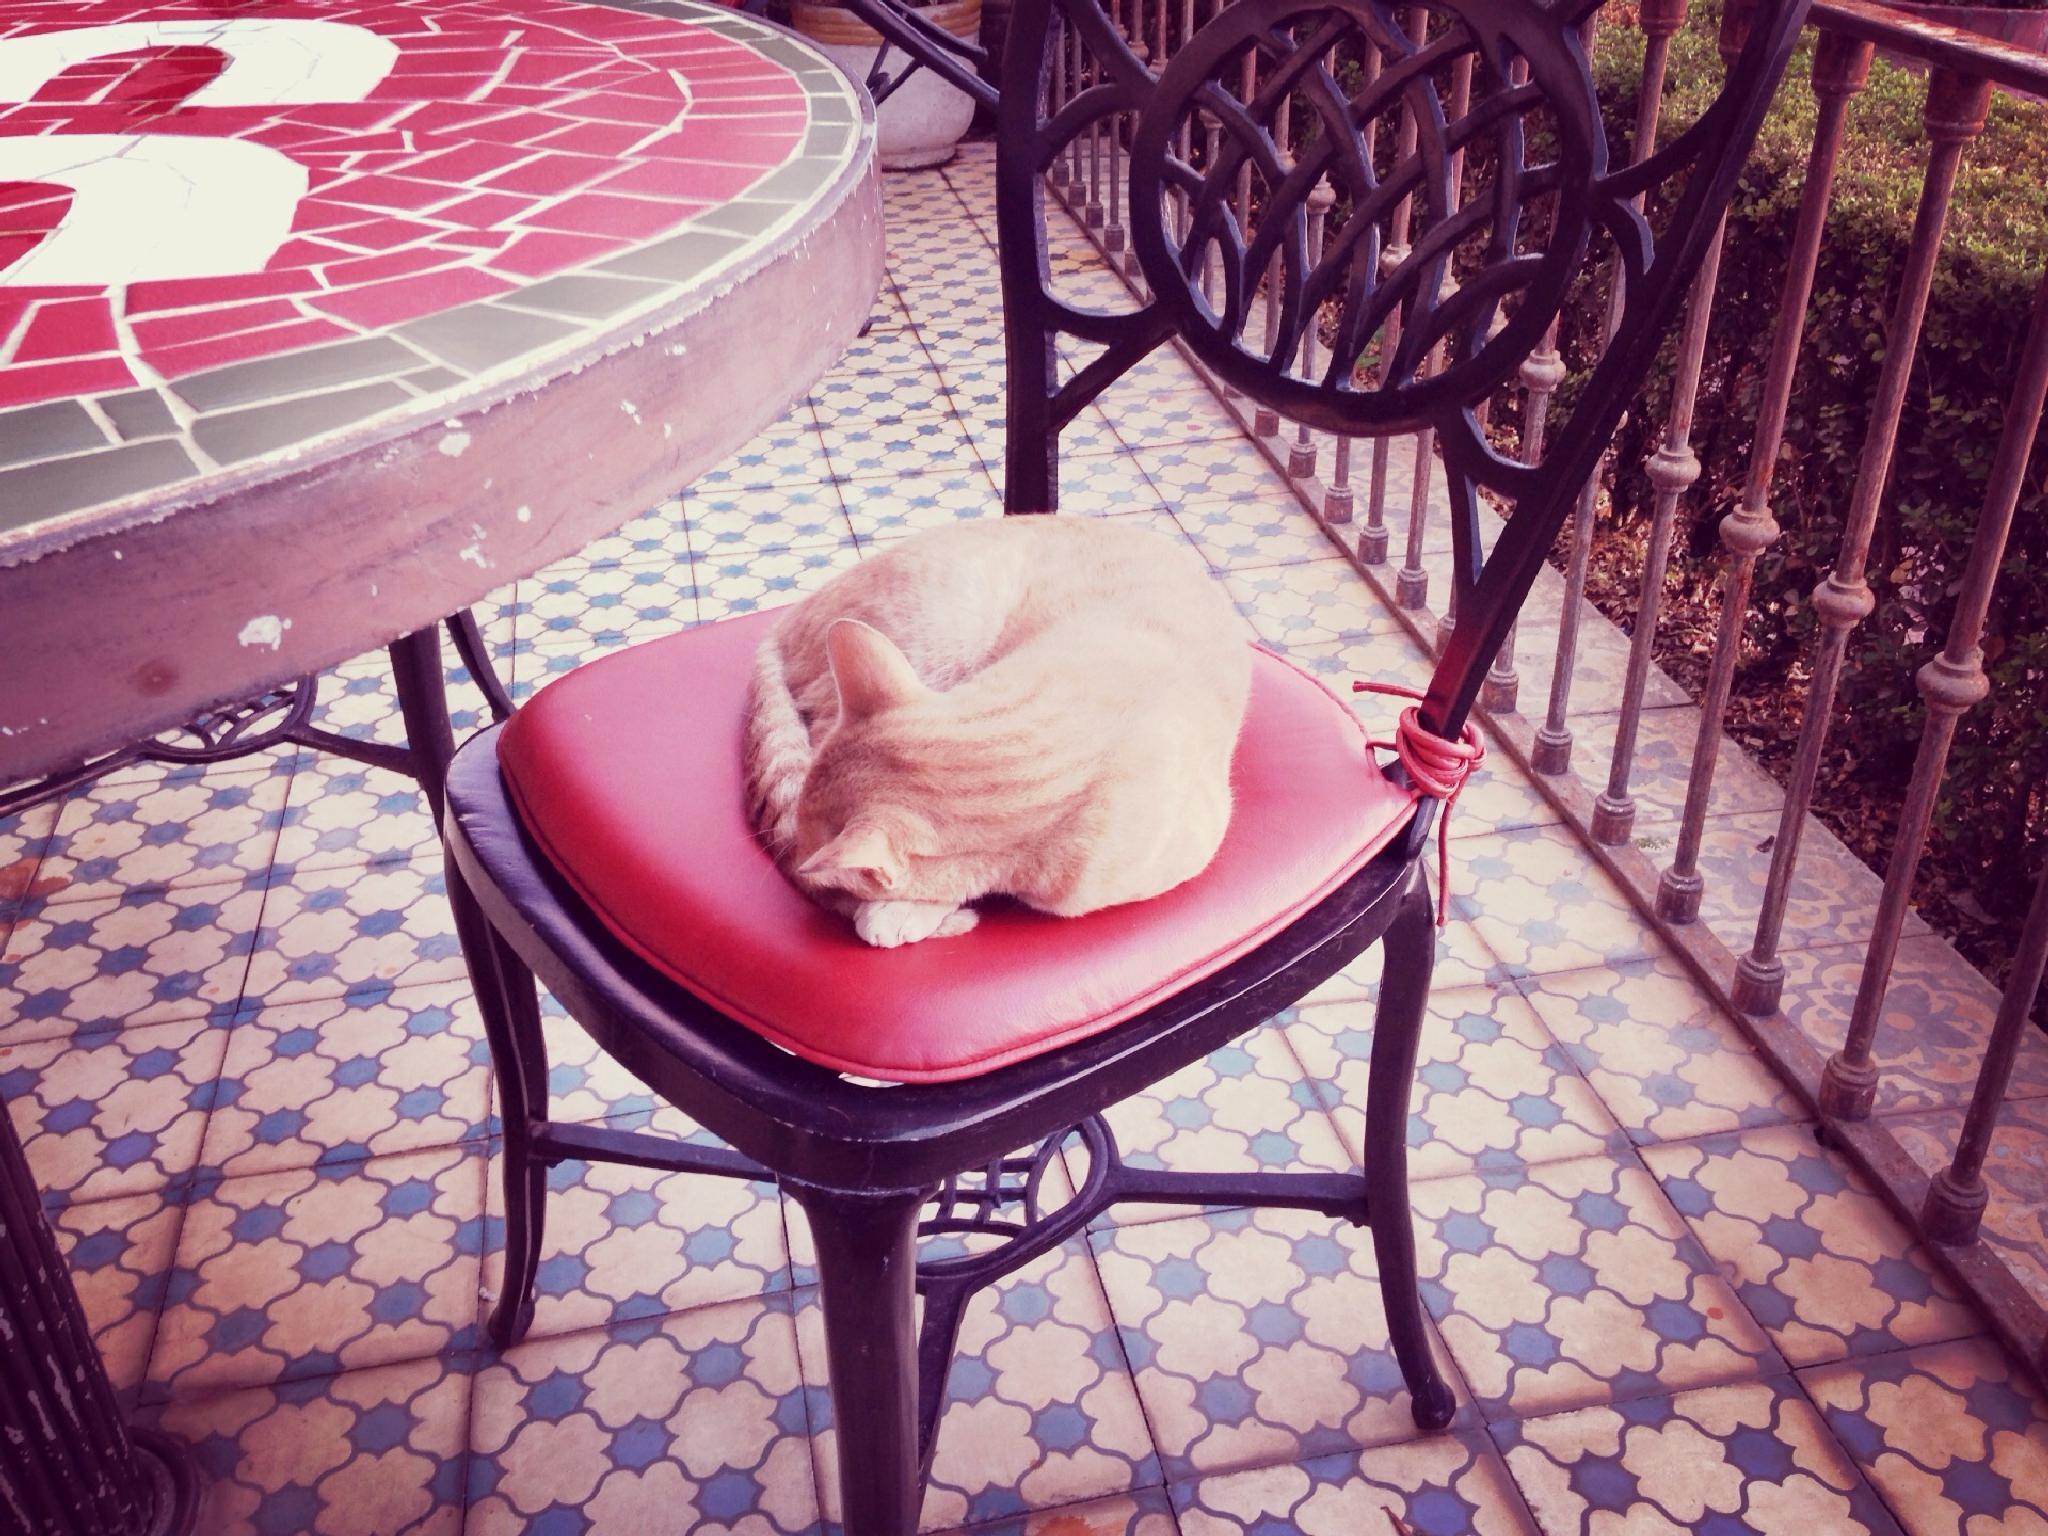 Im sooooo tiredZZzzzZzzz by monica_photo